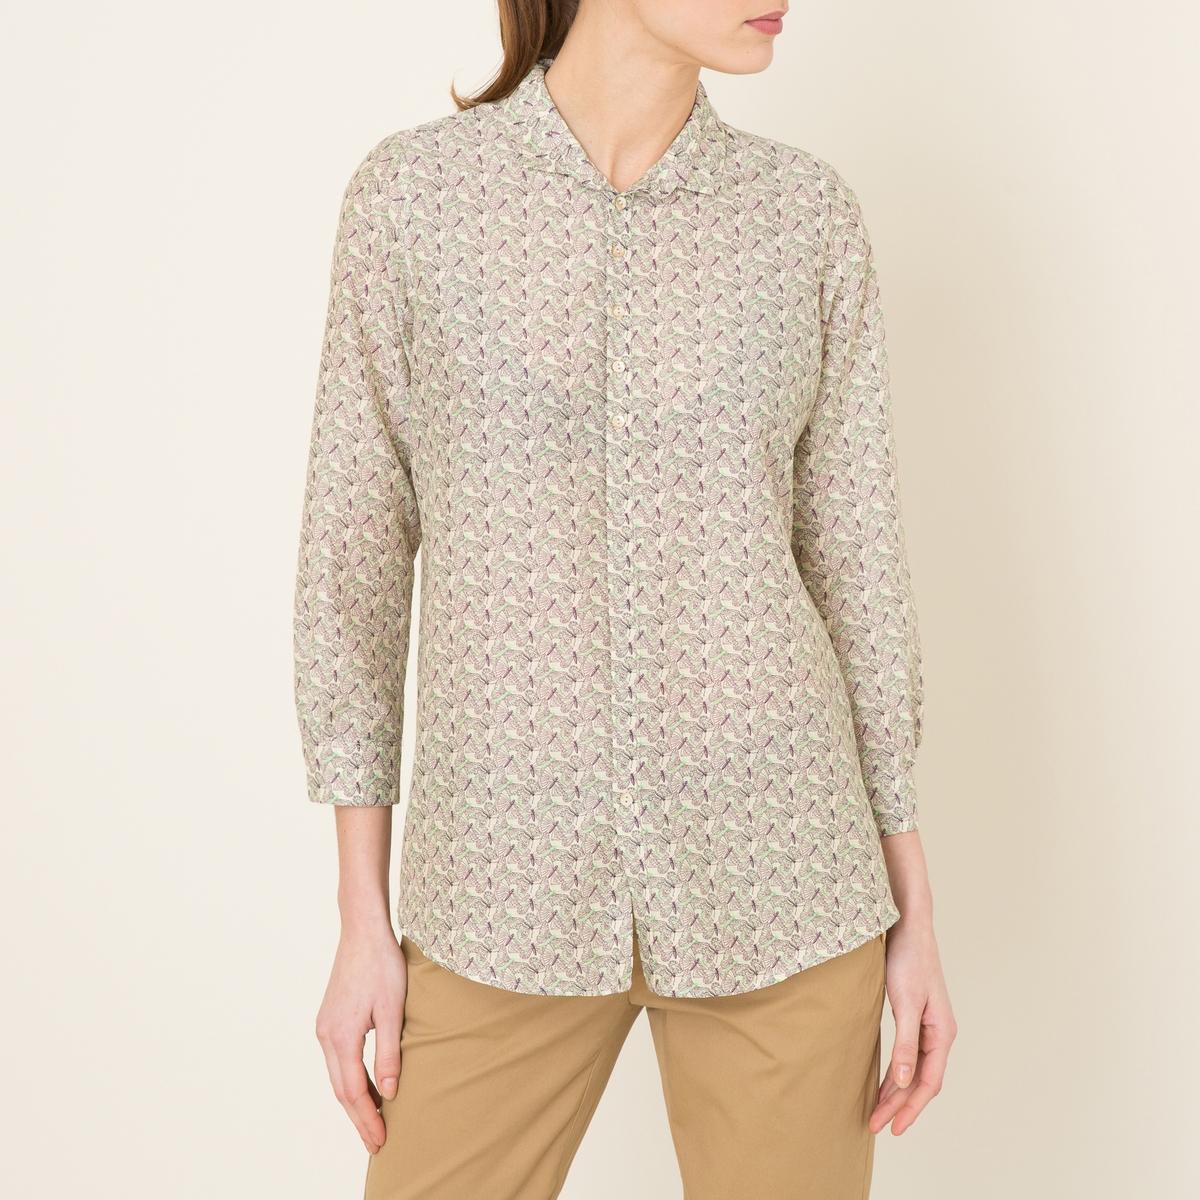 Рубашка CANNOLOРубашка MOMONI - модель CANNOLO с принтом на ткани из хлопка и шелка . Рубашечный воротник со свободными уголками  . Застежка на пуговицы. Длинные рукава, манжеты с застежкой на пуговицу. Закругленный низ, покрой-трапеция .Состав и описание    Материал : 80% хлопка, 20% шелка   Марка : MOMONI<br><br>Цвет: наб. рисунок/ розовый